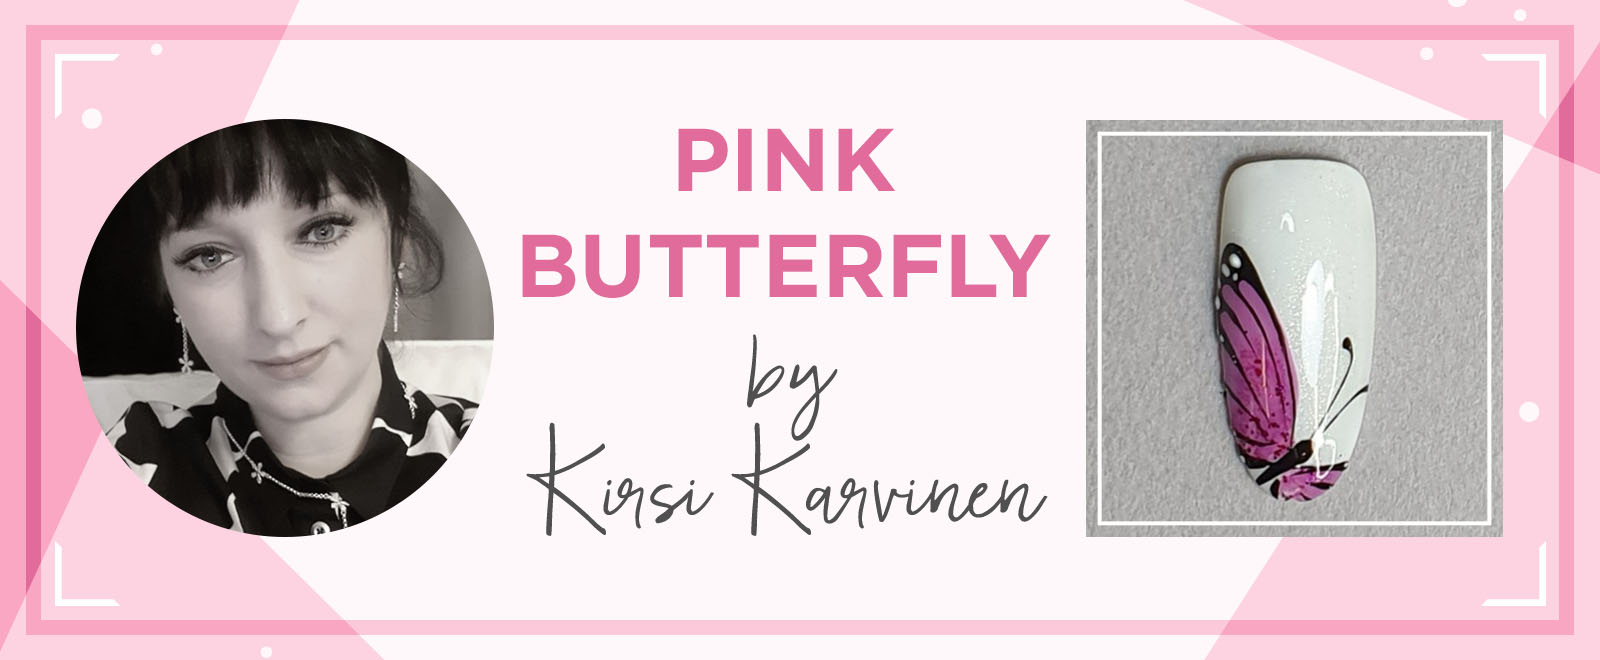 SBS_header_template_1600x660_pink-buttferly_Kirsi-Karvinen-1